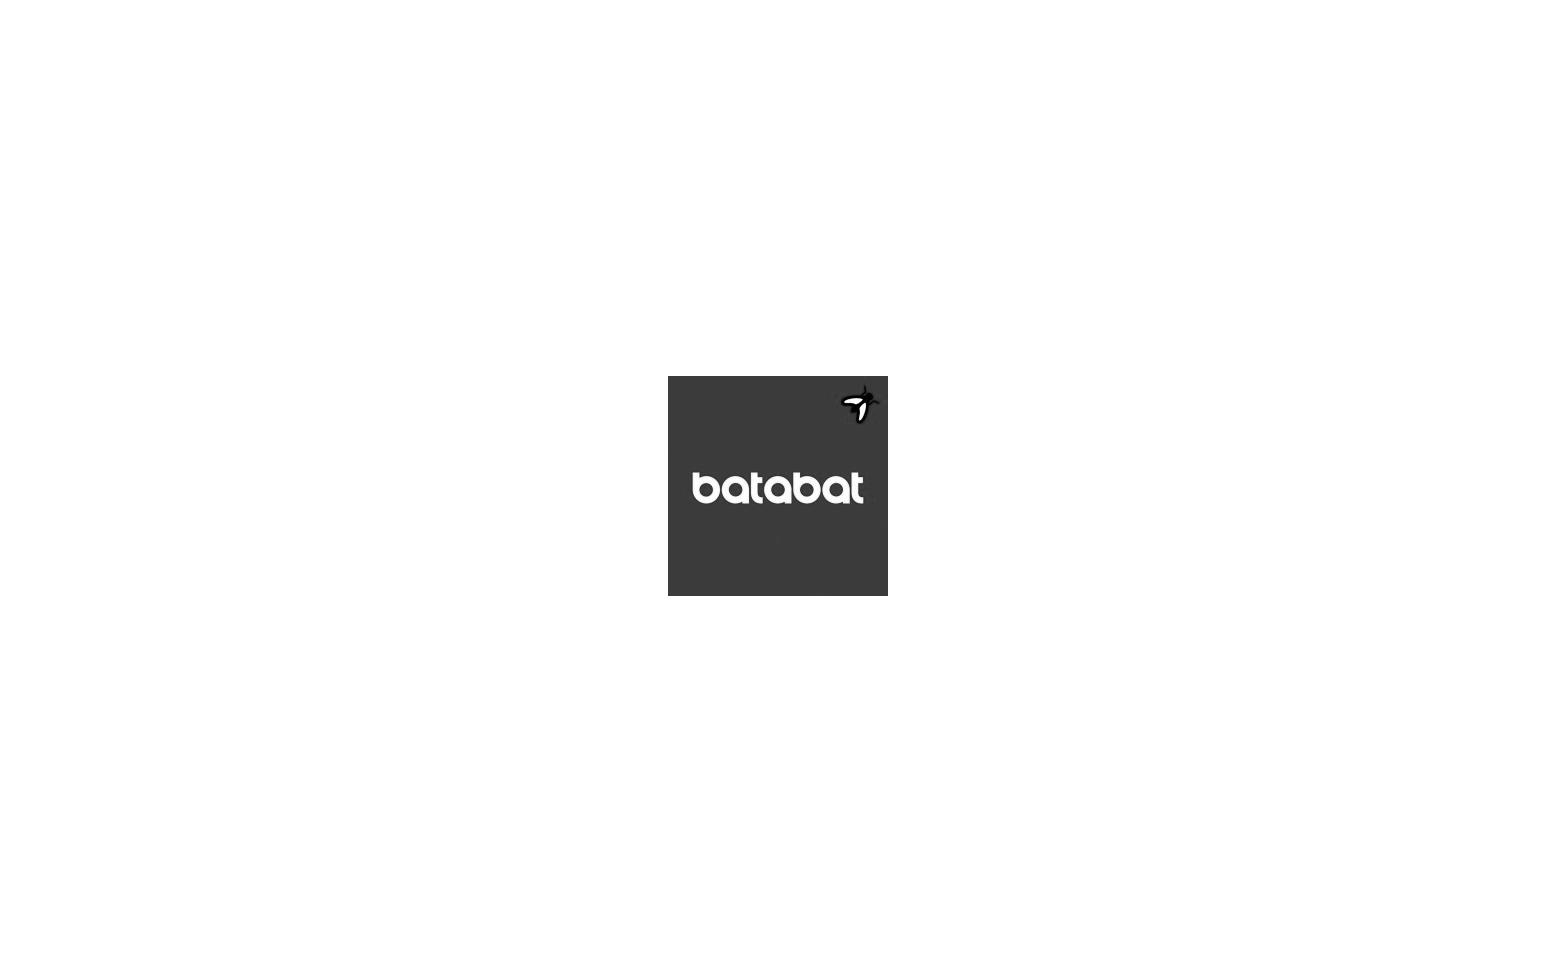 batabat